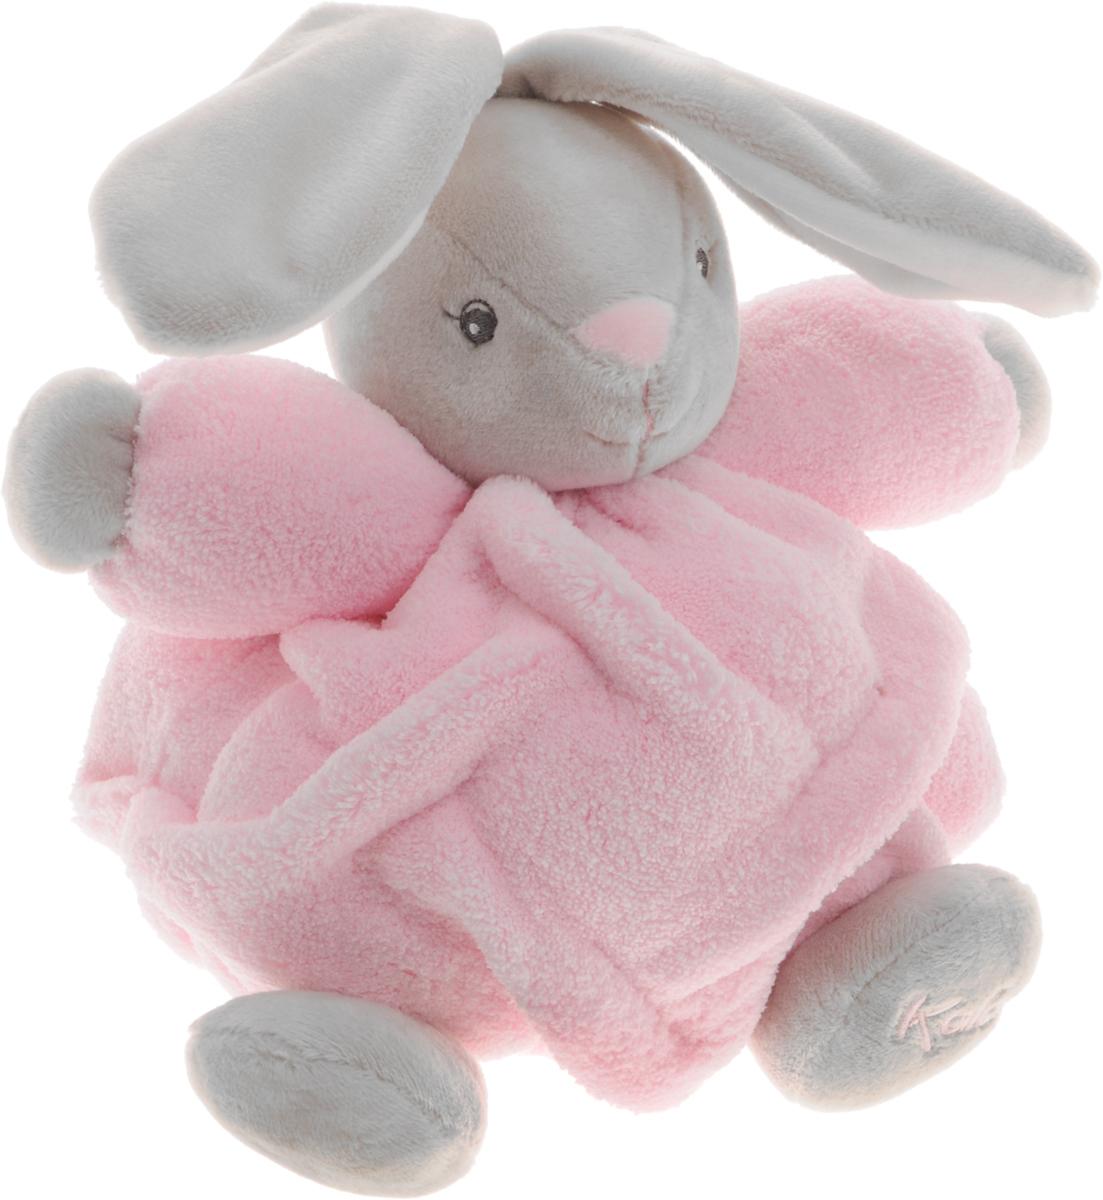 Kaloo Мягкая музыкальная игрушка Заяц цвет розовый серый 17 смK962314Очаровательный мягкий музыкальный зайчонок Kaloo надолго станет постоянным спутником малыша и позволит ему сладко уснуть. Игрушка выполнена из качественных и безопасных для здоровья детей материалов, которые не вызывают аллергии, приятны на ощупь и доставляют большое удовольствие во время игр. Игрушку приятно держать в руках, прижимать к себе и придумывать разнообразные игры. Игры с мягкими игрушками развивают тактильную чувствительность и сенсорное восприятие. Зайчик выполнен в нежных цветах. На обратной стороне игрушки находится маленькая ленточка, потянув за которую, малыш услышит мелодичную колыбельную. Все игрушки Kaloo прошли множественные тесты и соответствуют мировым стандартам безопасности. Именно поэтому все игрушки рекомендованы для детей с рождения, что отличает их от большинства производителей мягких игрушек. Игрушка поставляется в стильной коробке и идеально подходит в качестве подарка.